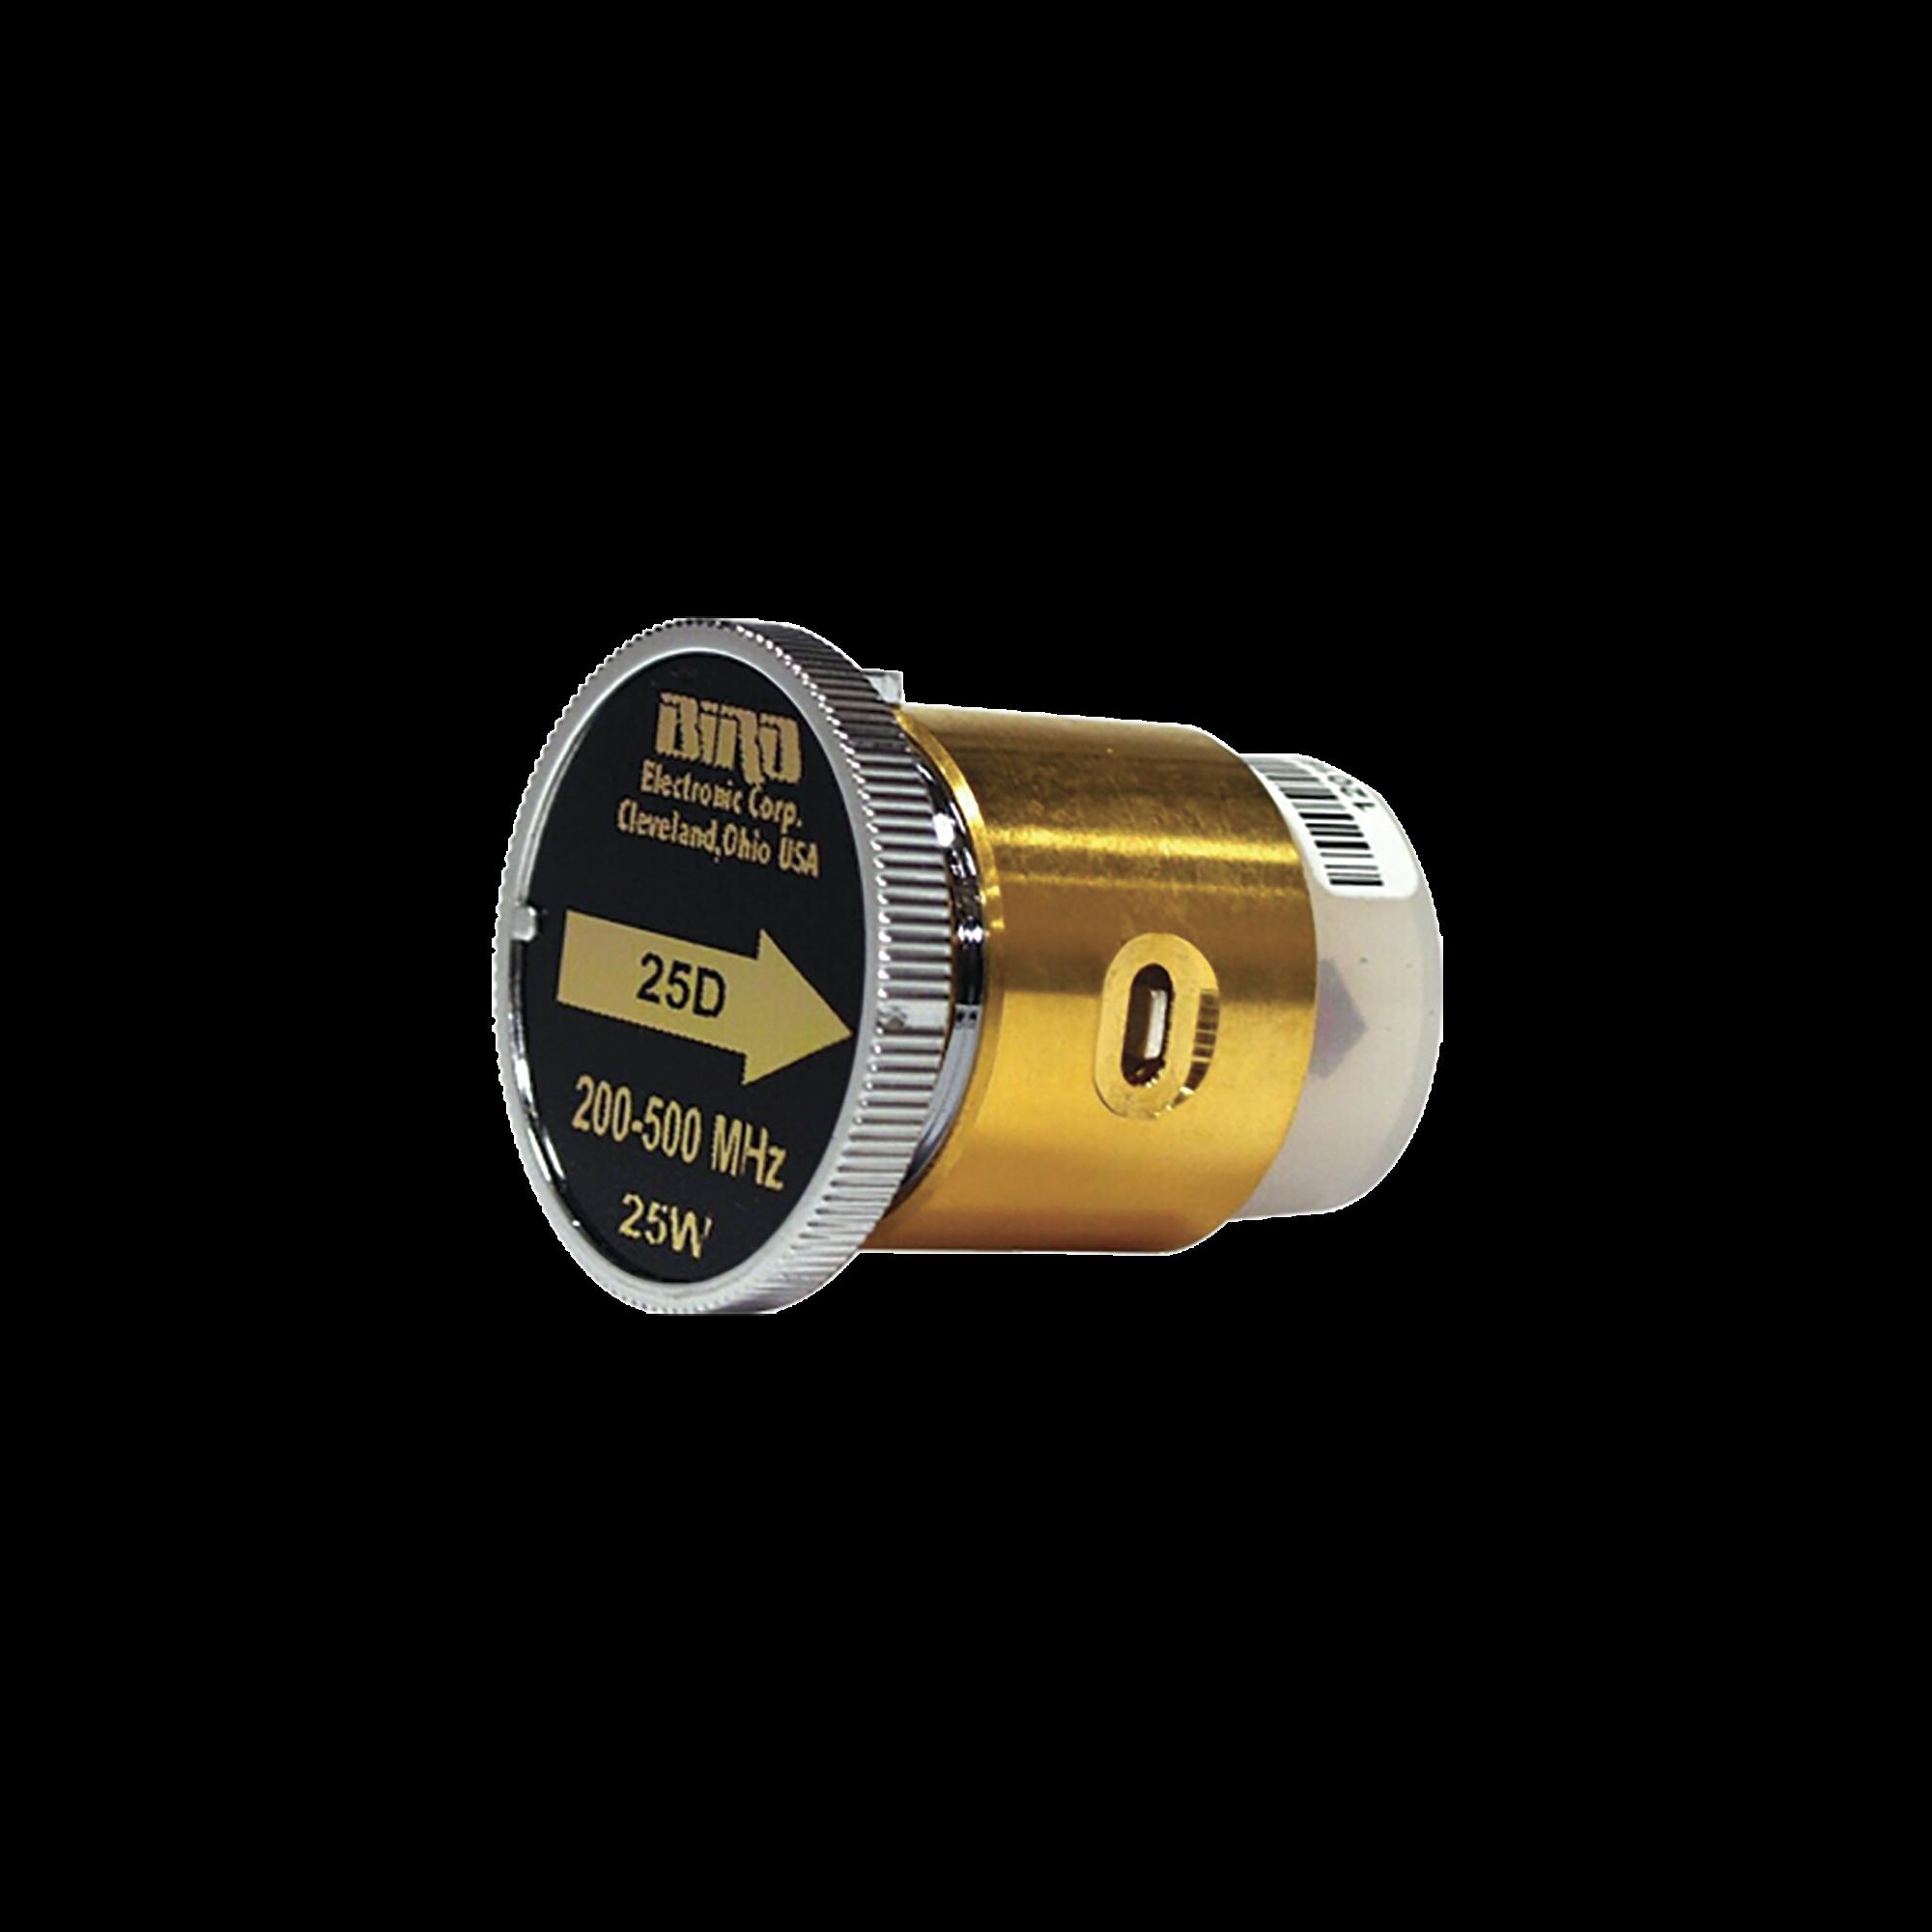 Elemento de 25 Watt en linea 7/8 para Wattmetro BIRD 43 en Rango de Frecuencia de 200 a 500 MHz.